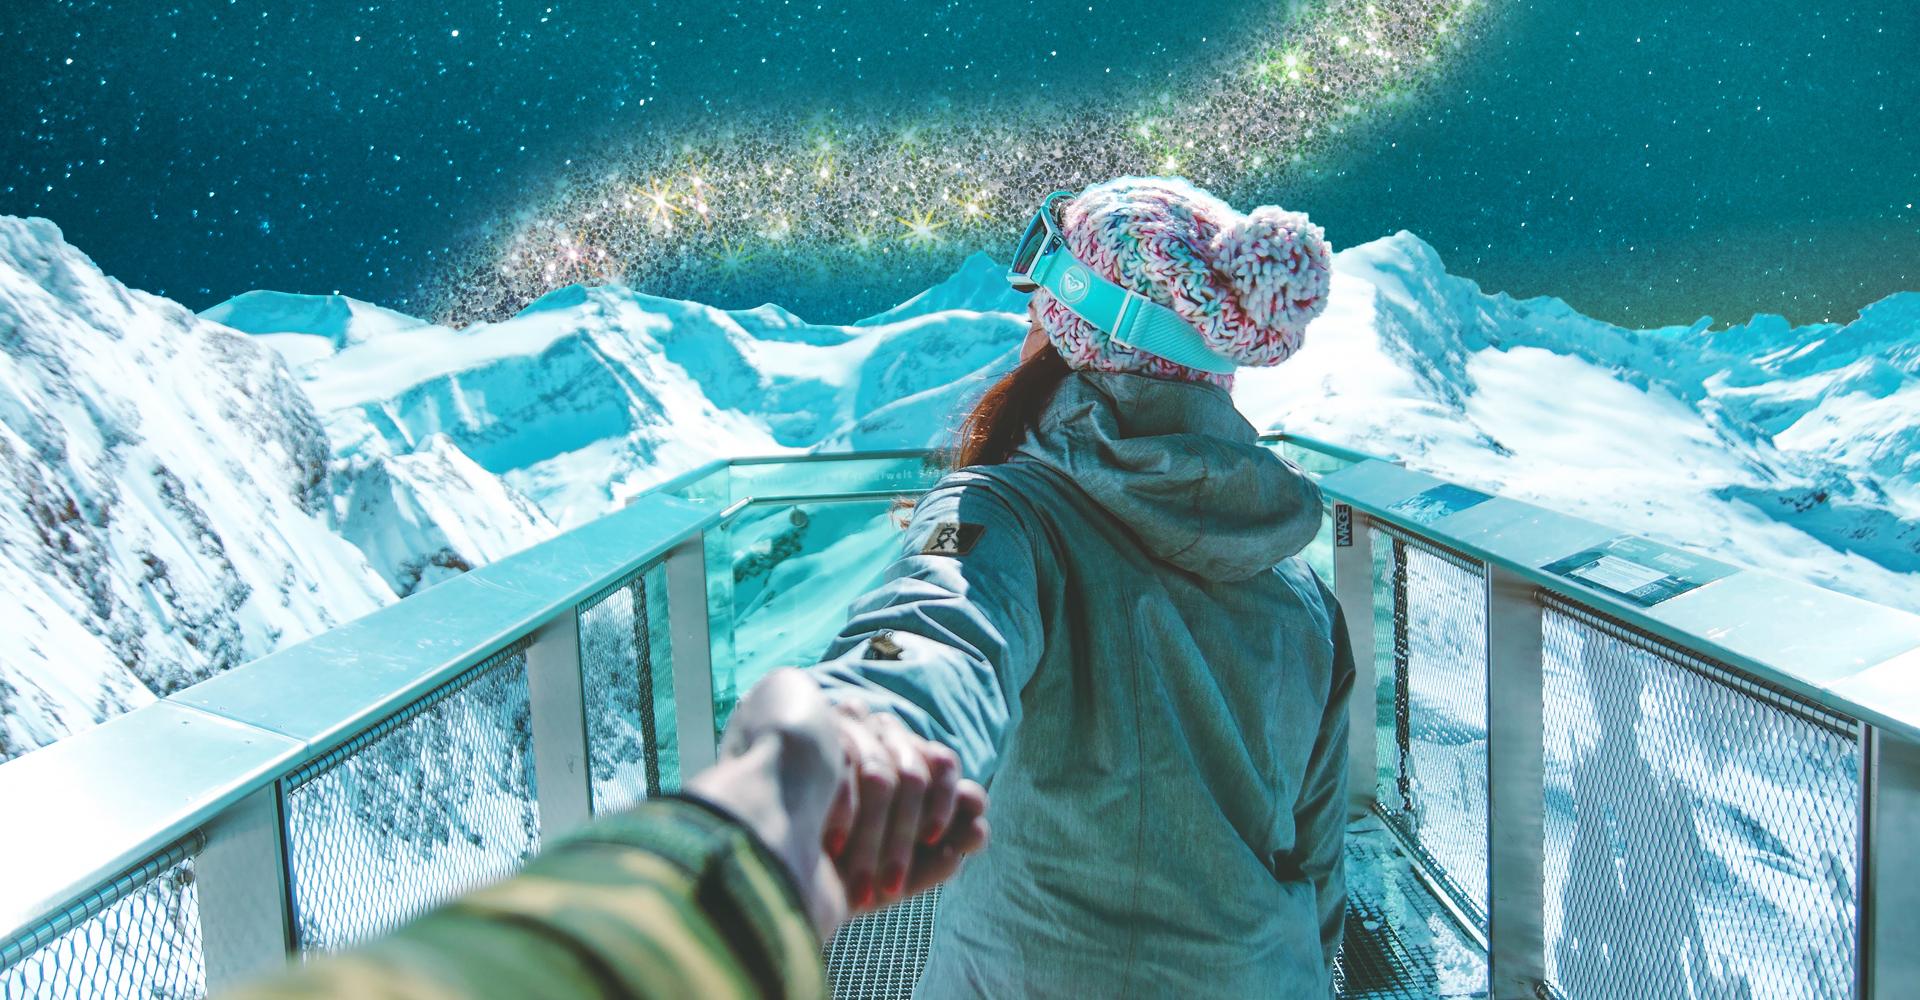 I 5 migliori rifugi sulle piste per una pausa di gusto tra una sciata e l'altra